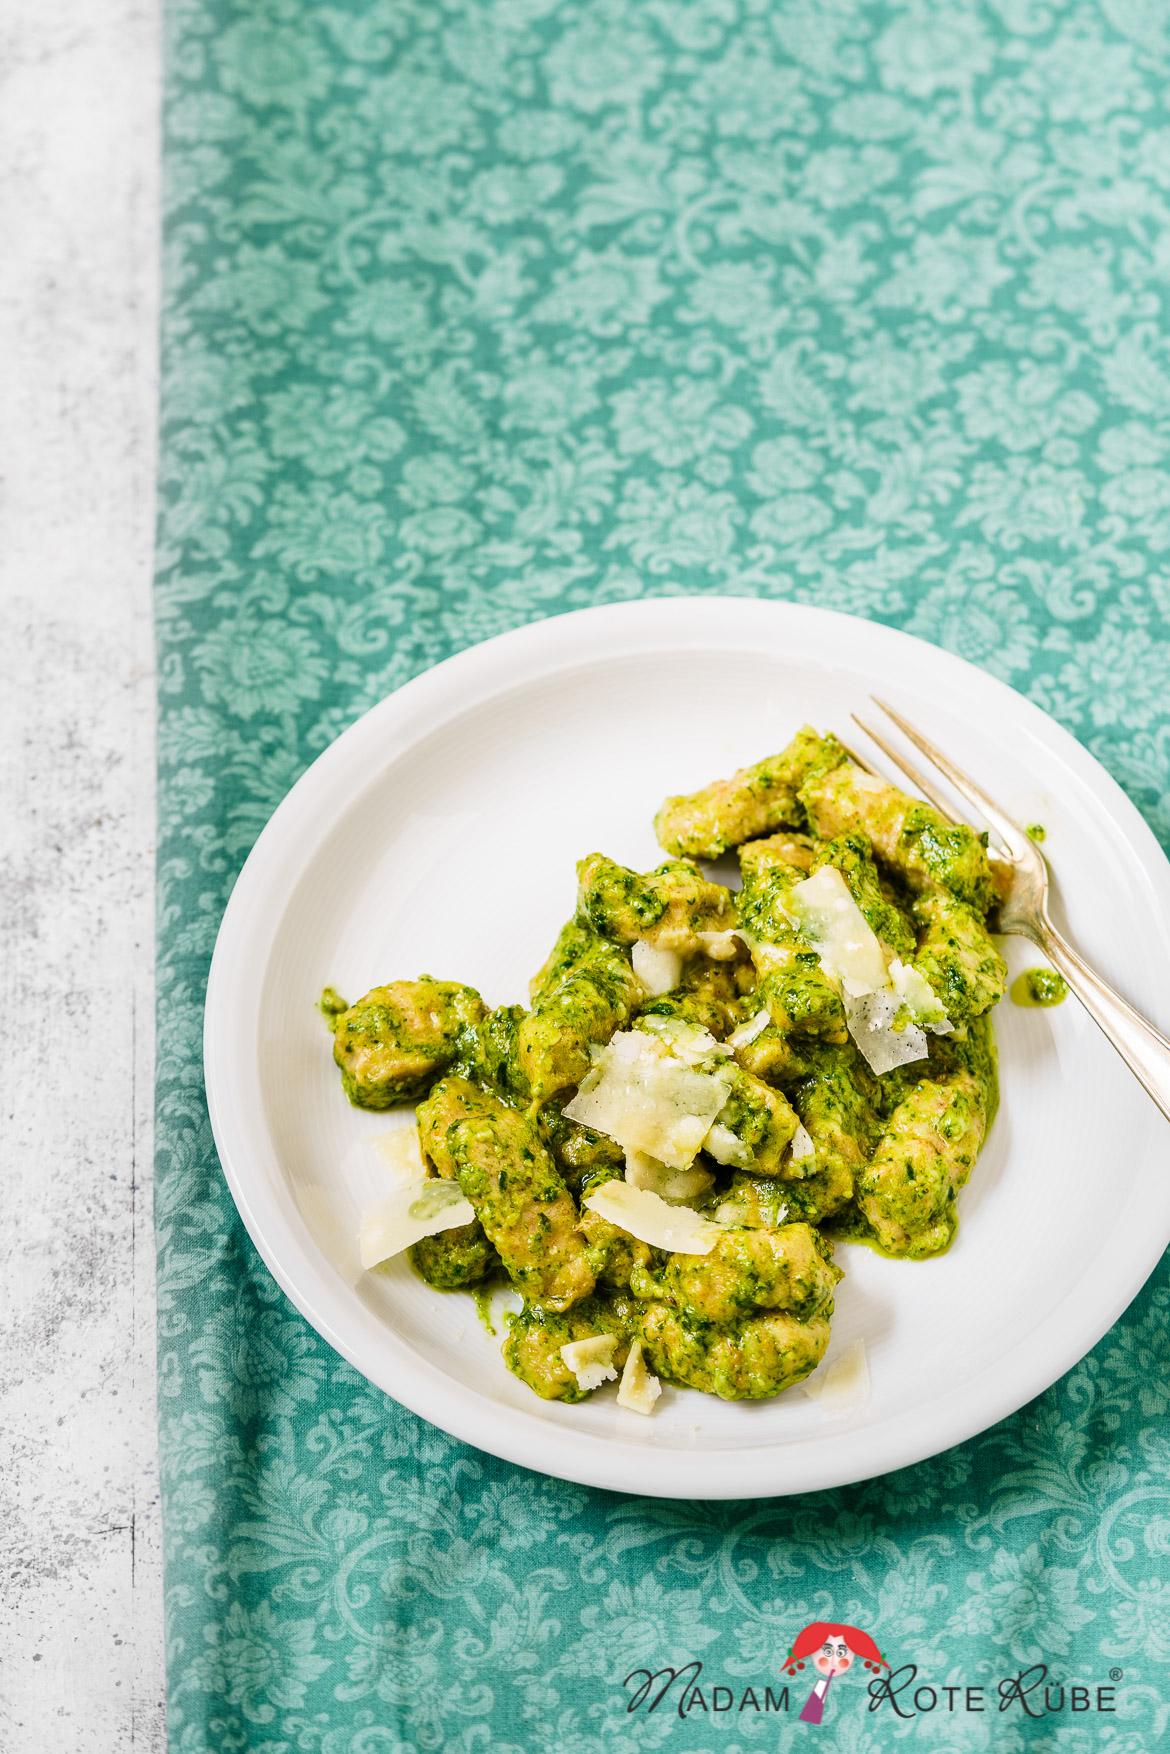 Madam Rote Rübe - Gnocchi aus Kartoffelbrei mit grünem Pesto für Feinschmecker